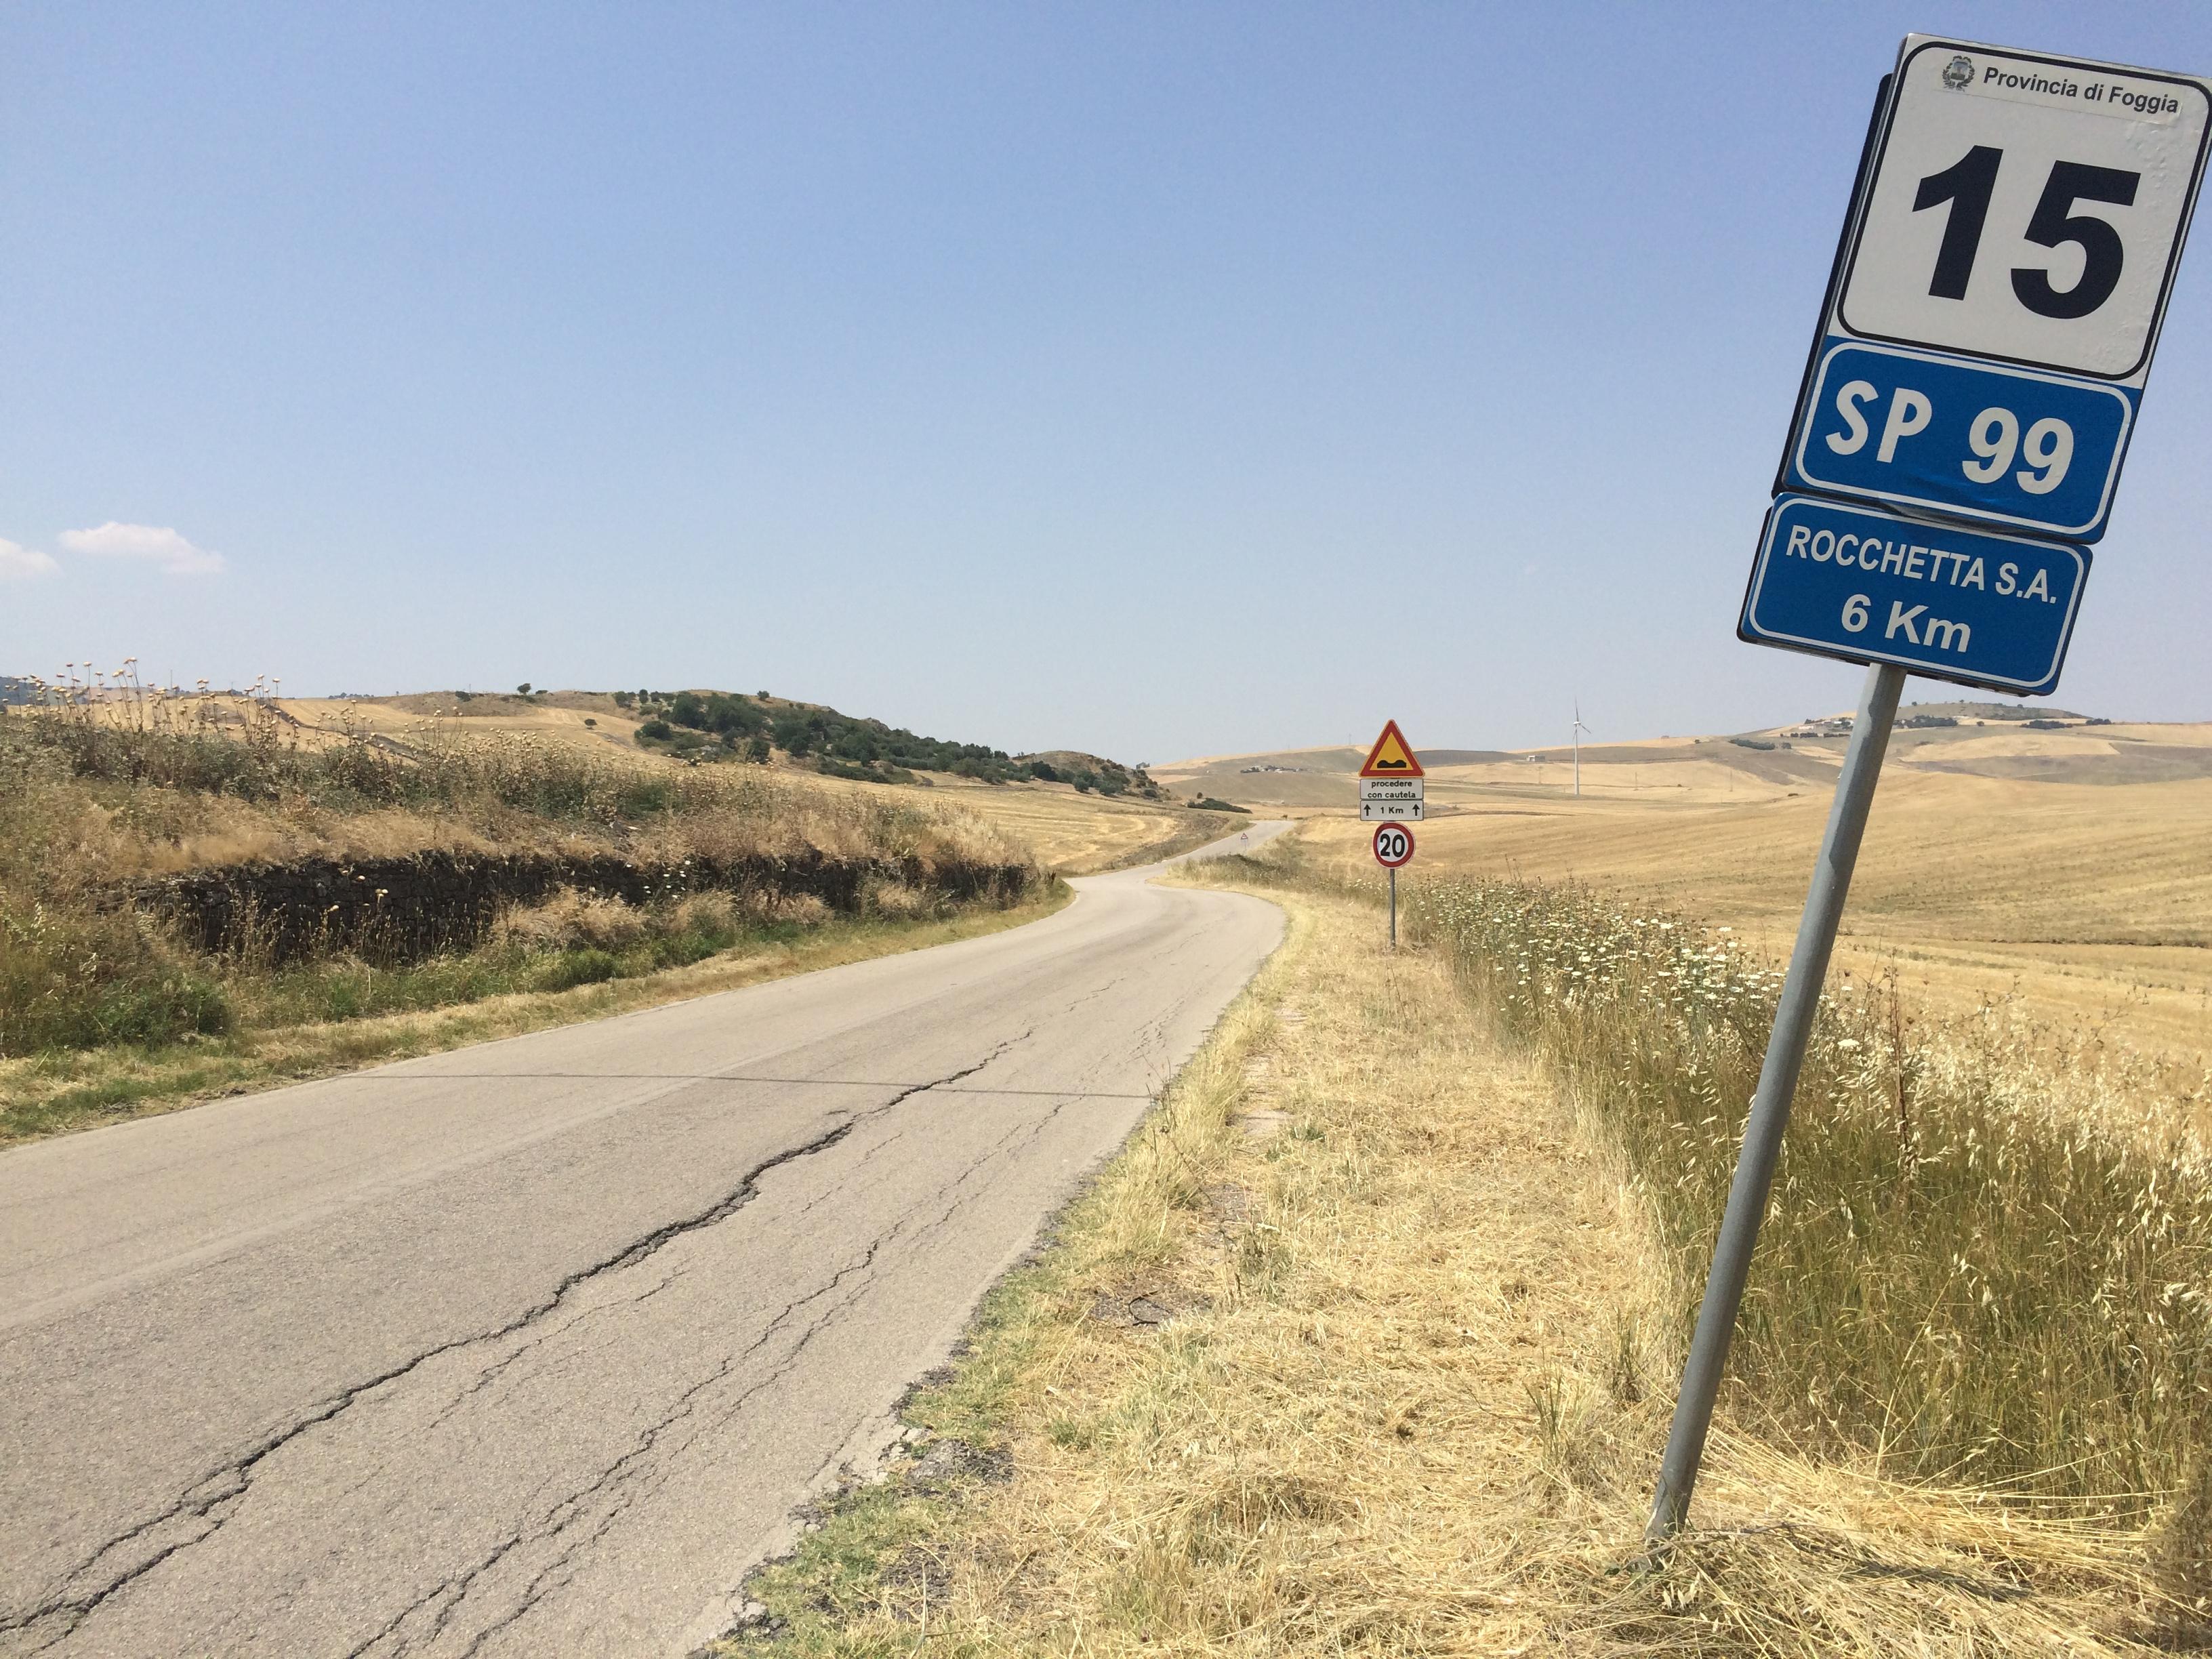 Una foto che testimonia il pietoso manto stradale della S.P.99 che congiunge Rocchetta Sant'Antonio a Candela.